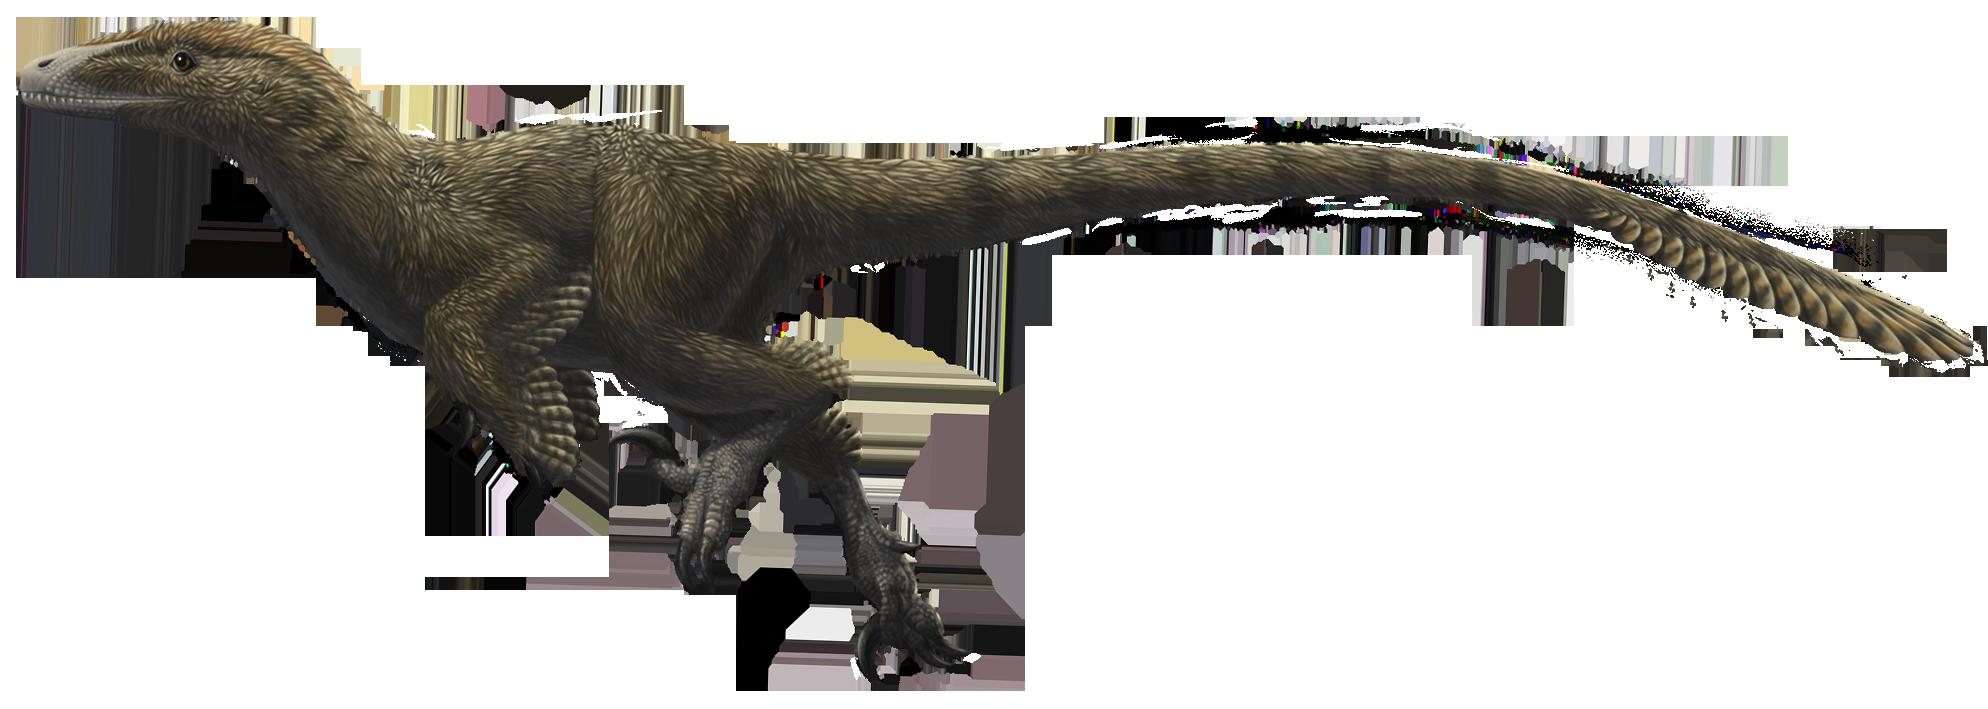 dromaeosauridae theropods wiki fandom powered by wikia